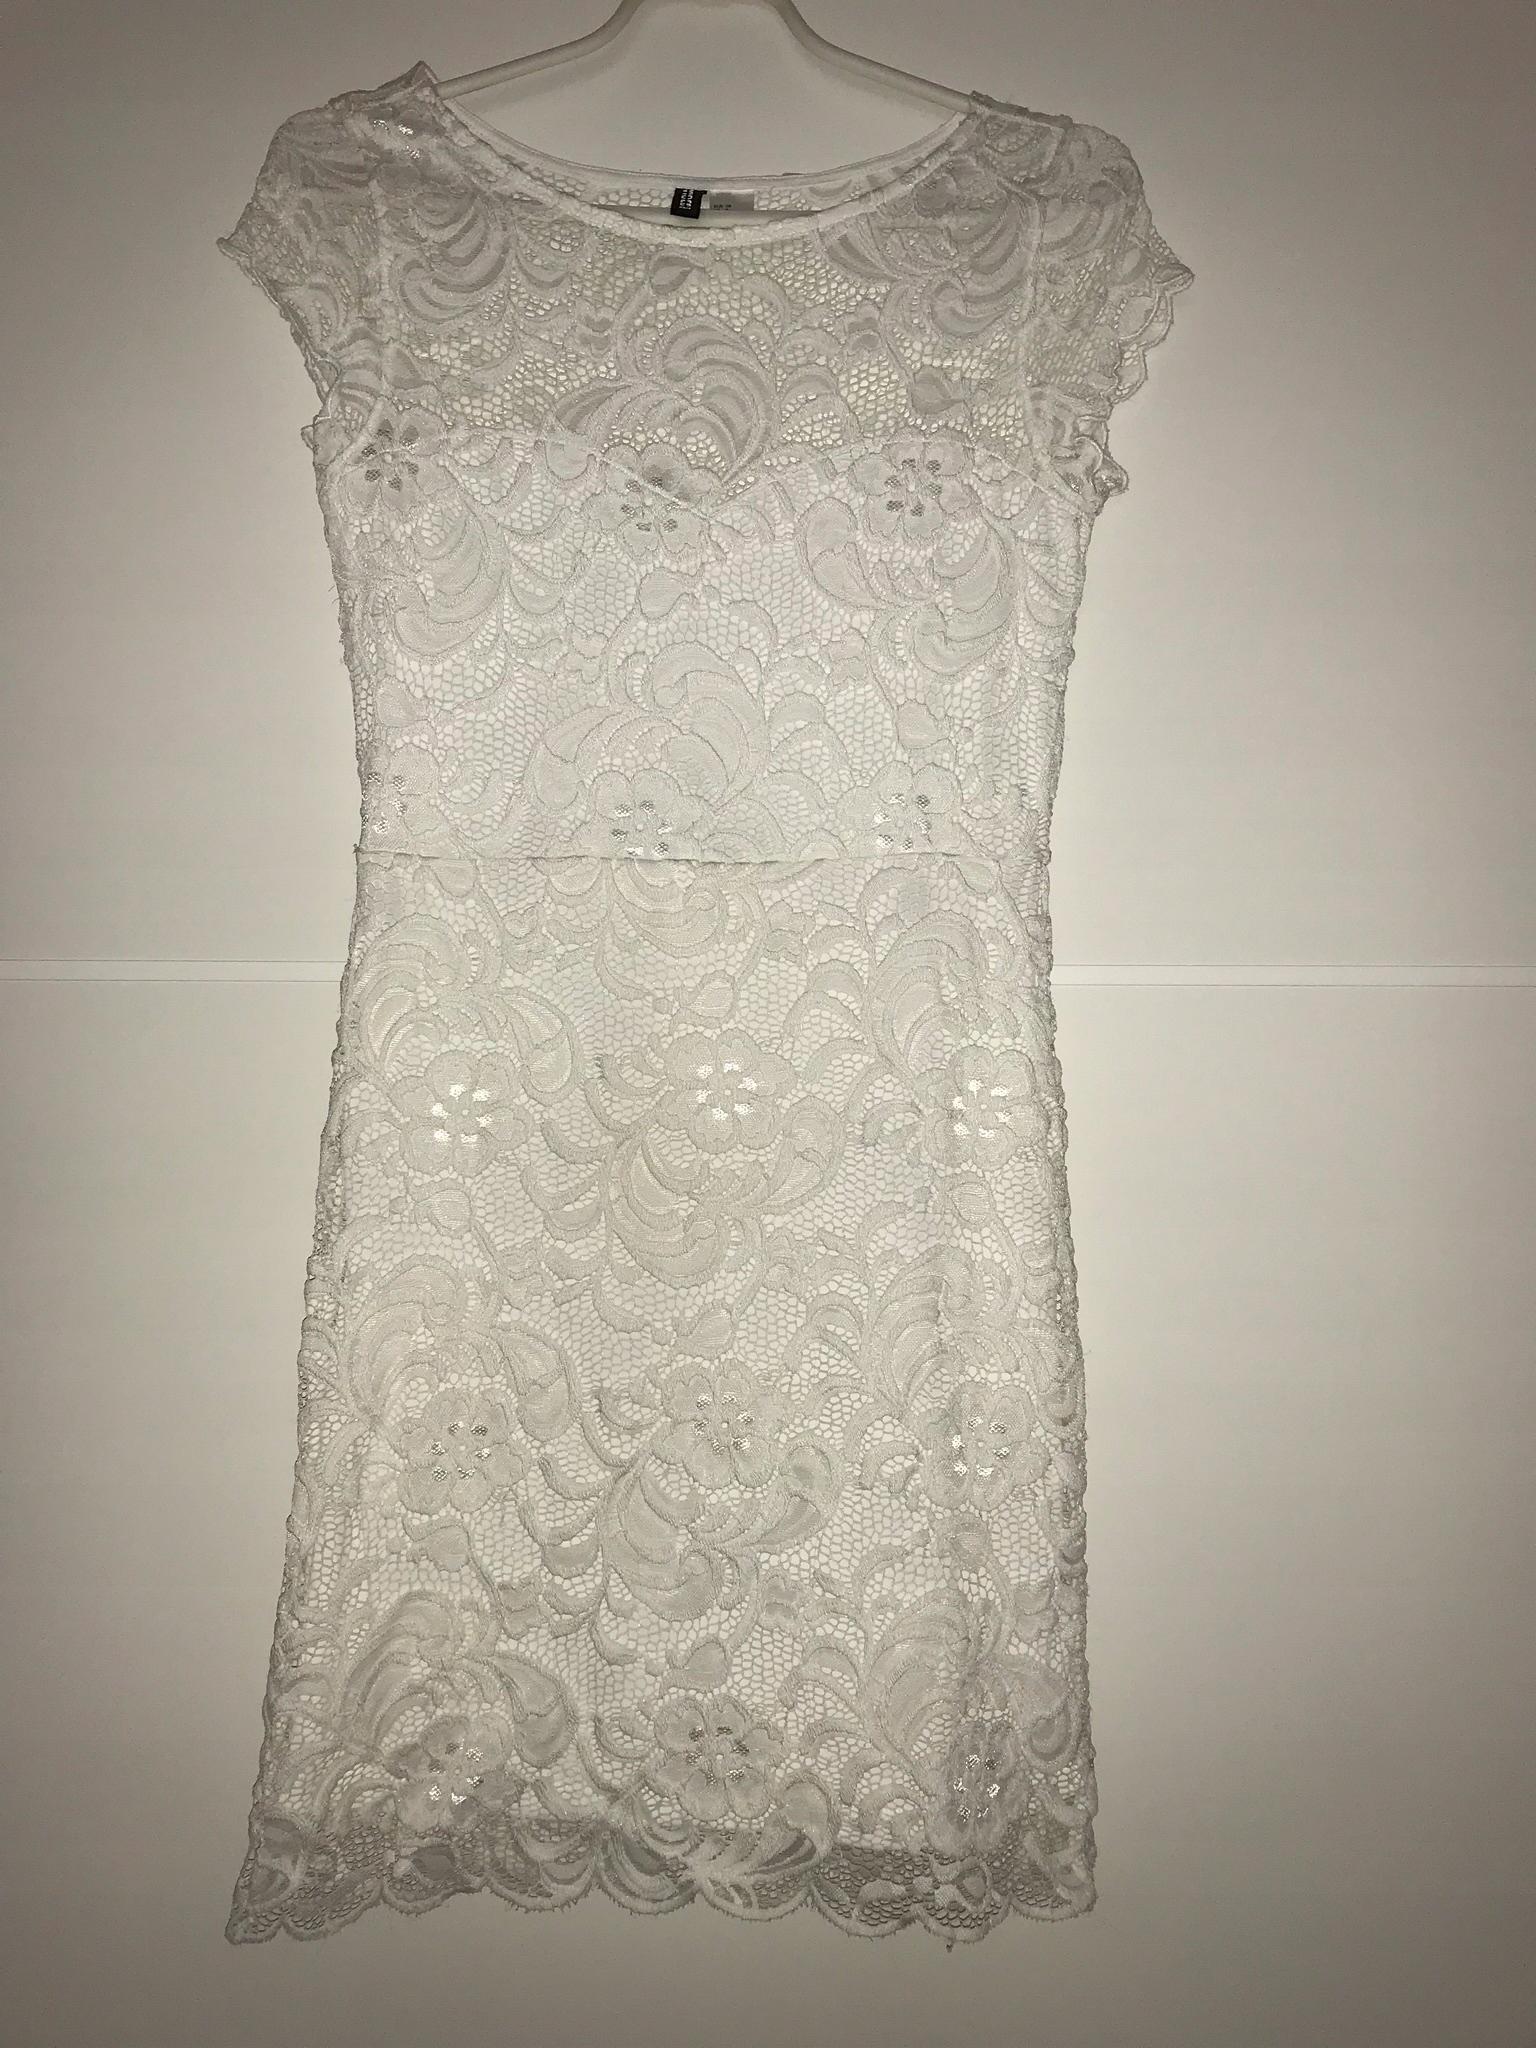 d9966f1c56 Koronkowa sukienka biała H M 38 gołe plecy - 7440649830 - oficjalne ...